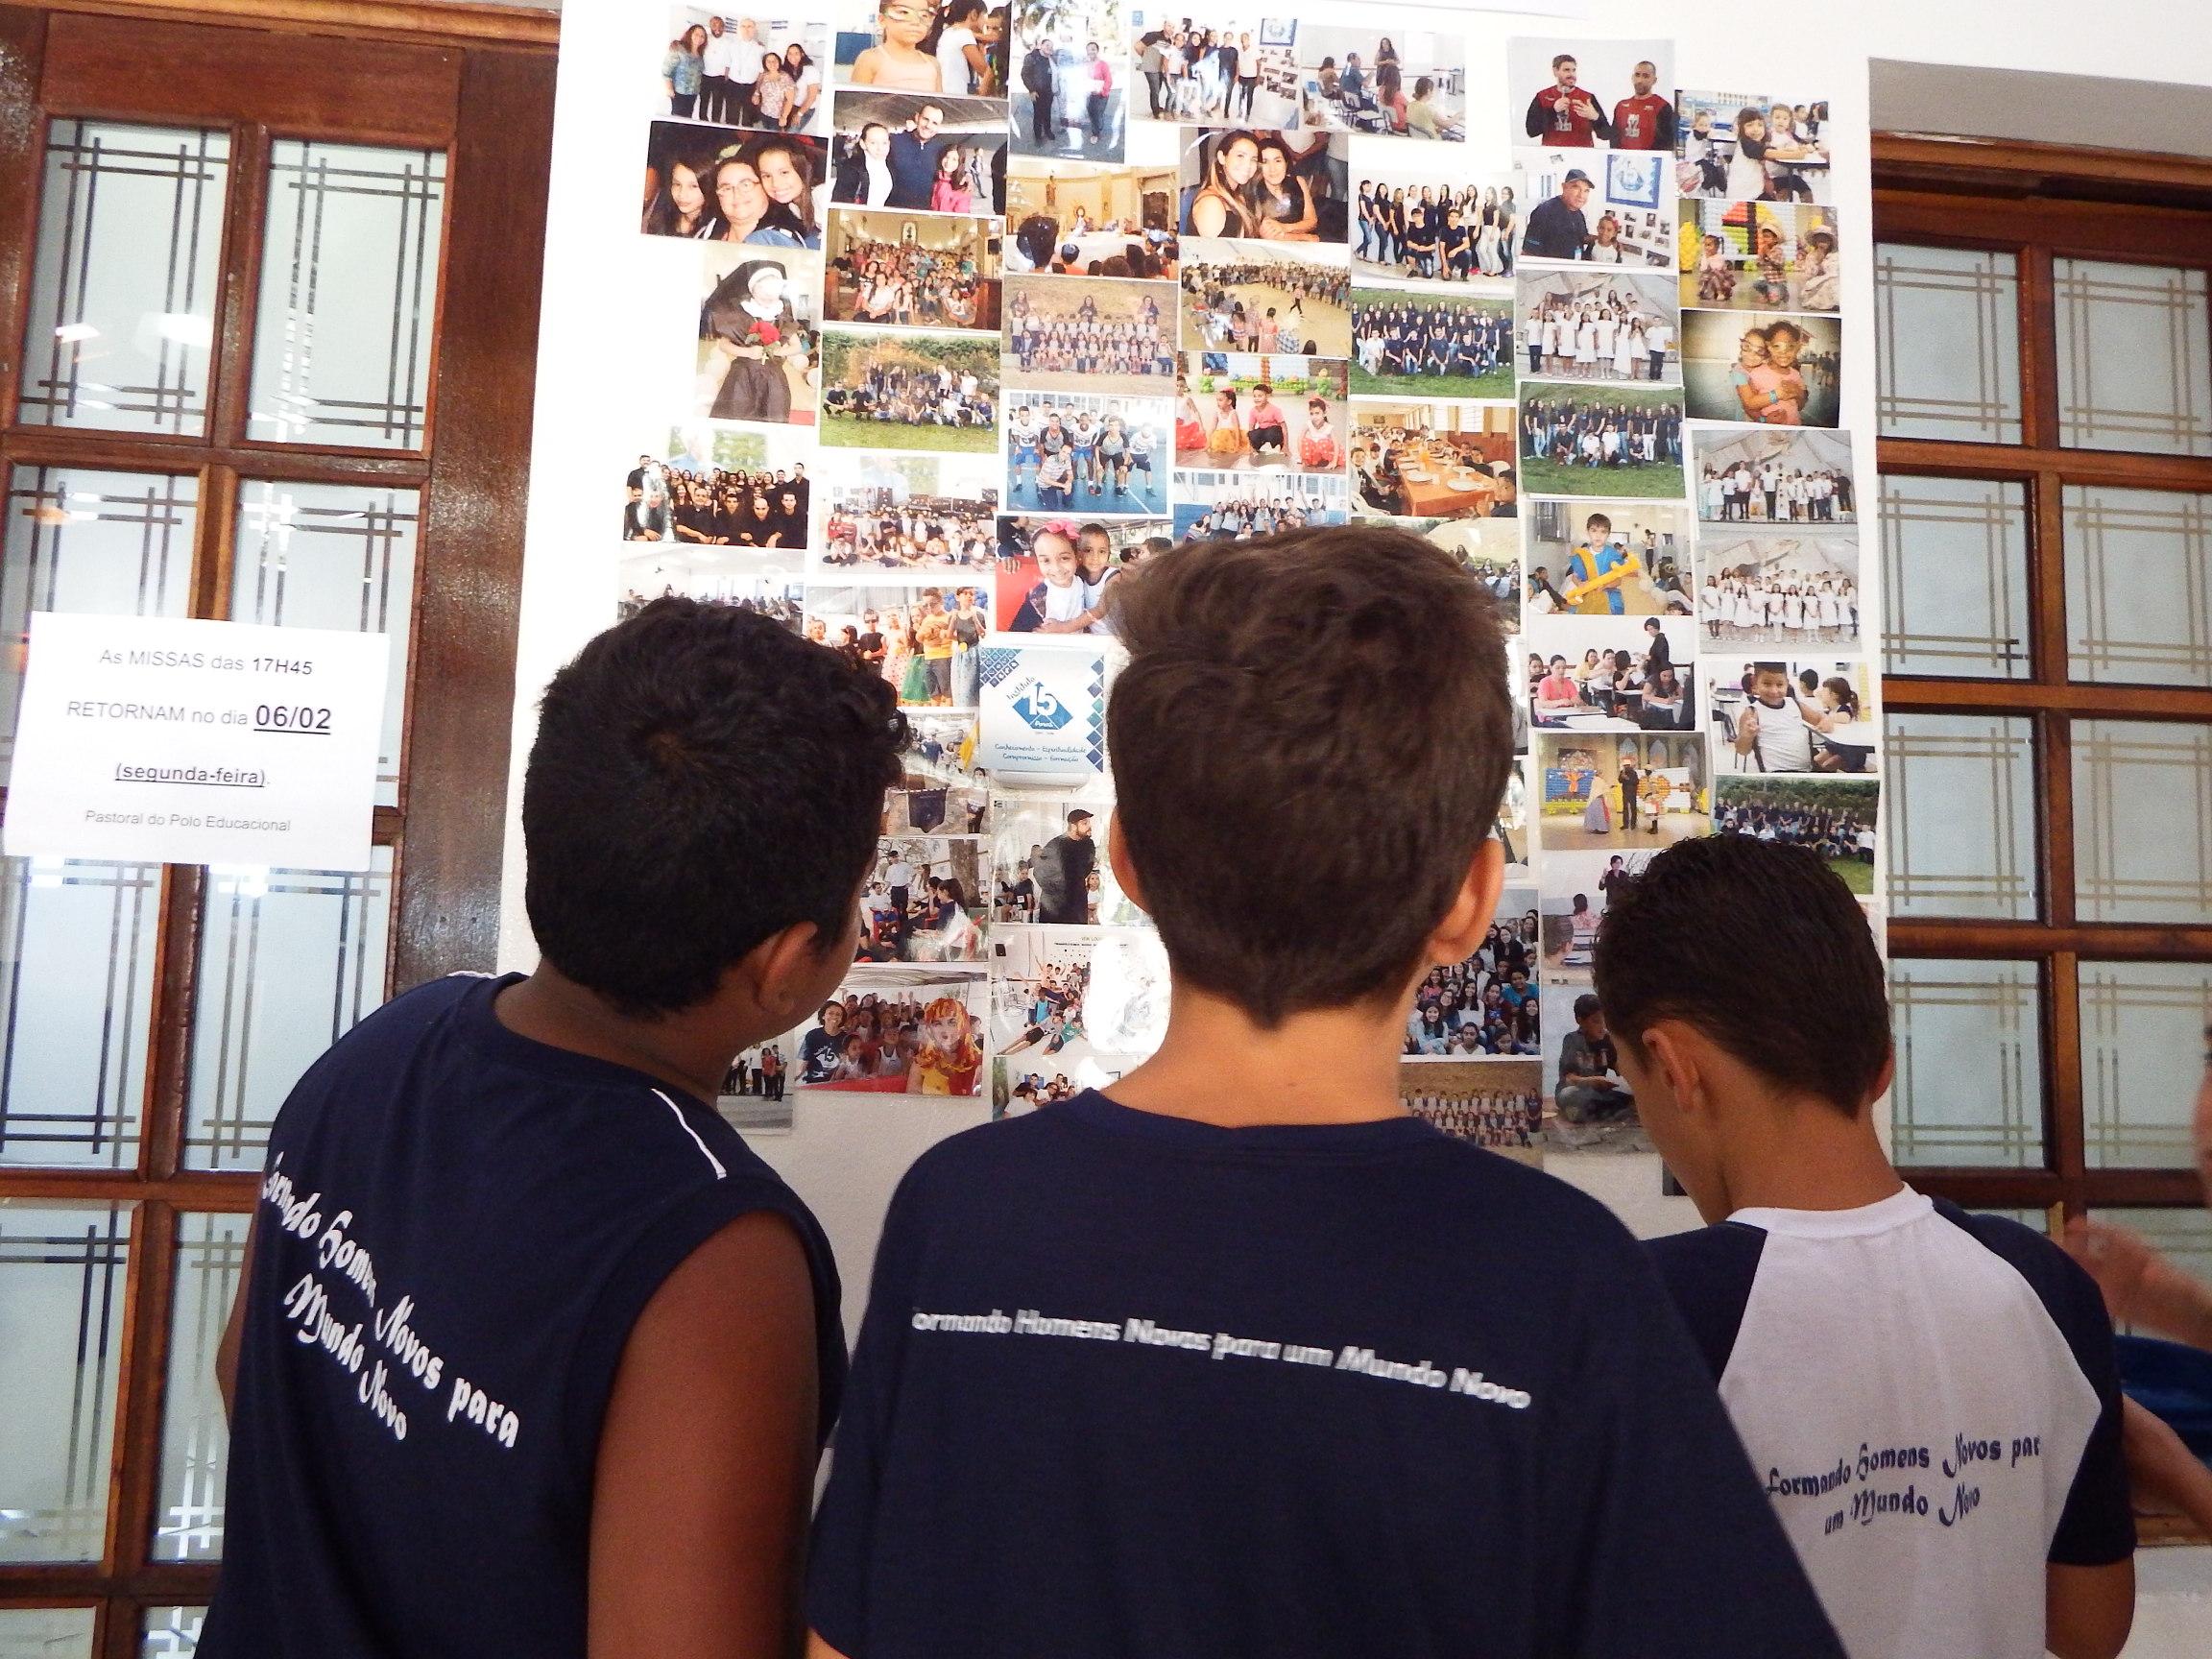 Instituto Canção Nova completa seus 16 anos de fundação